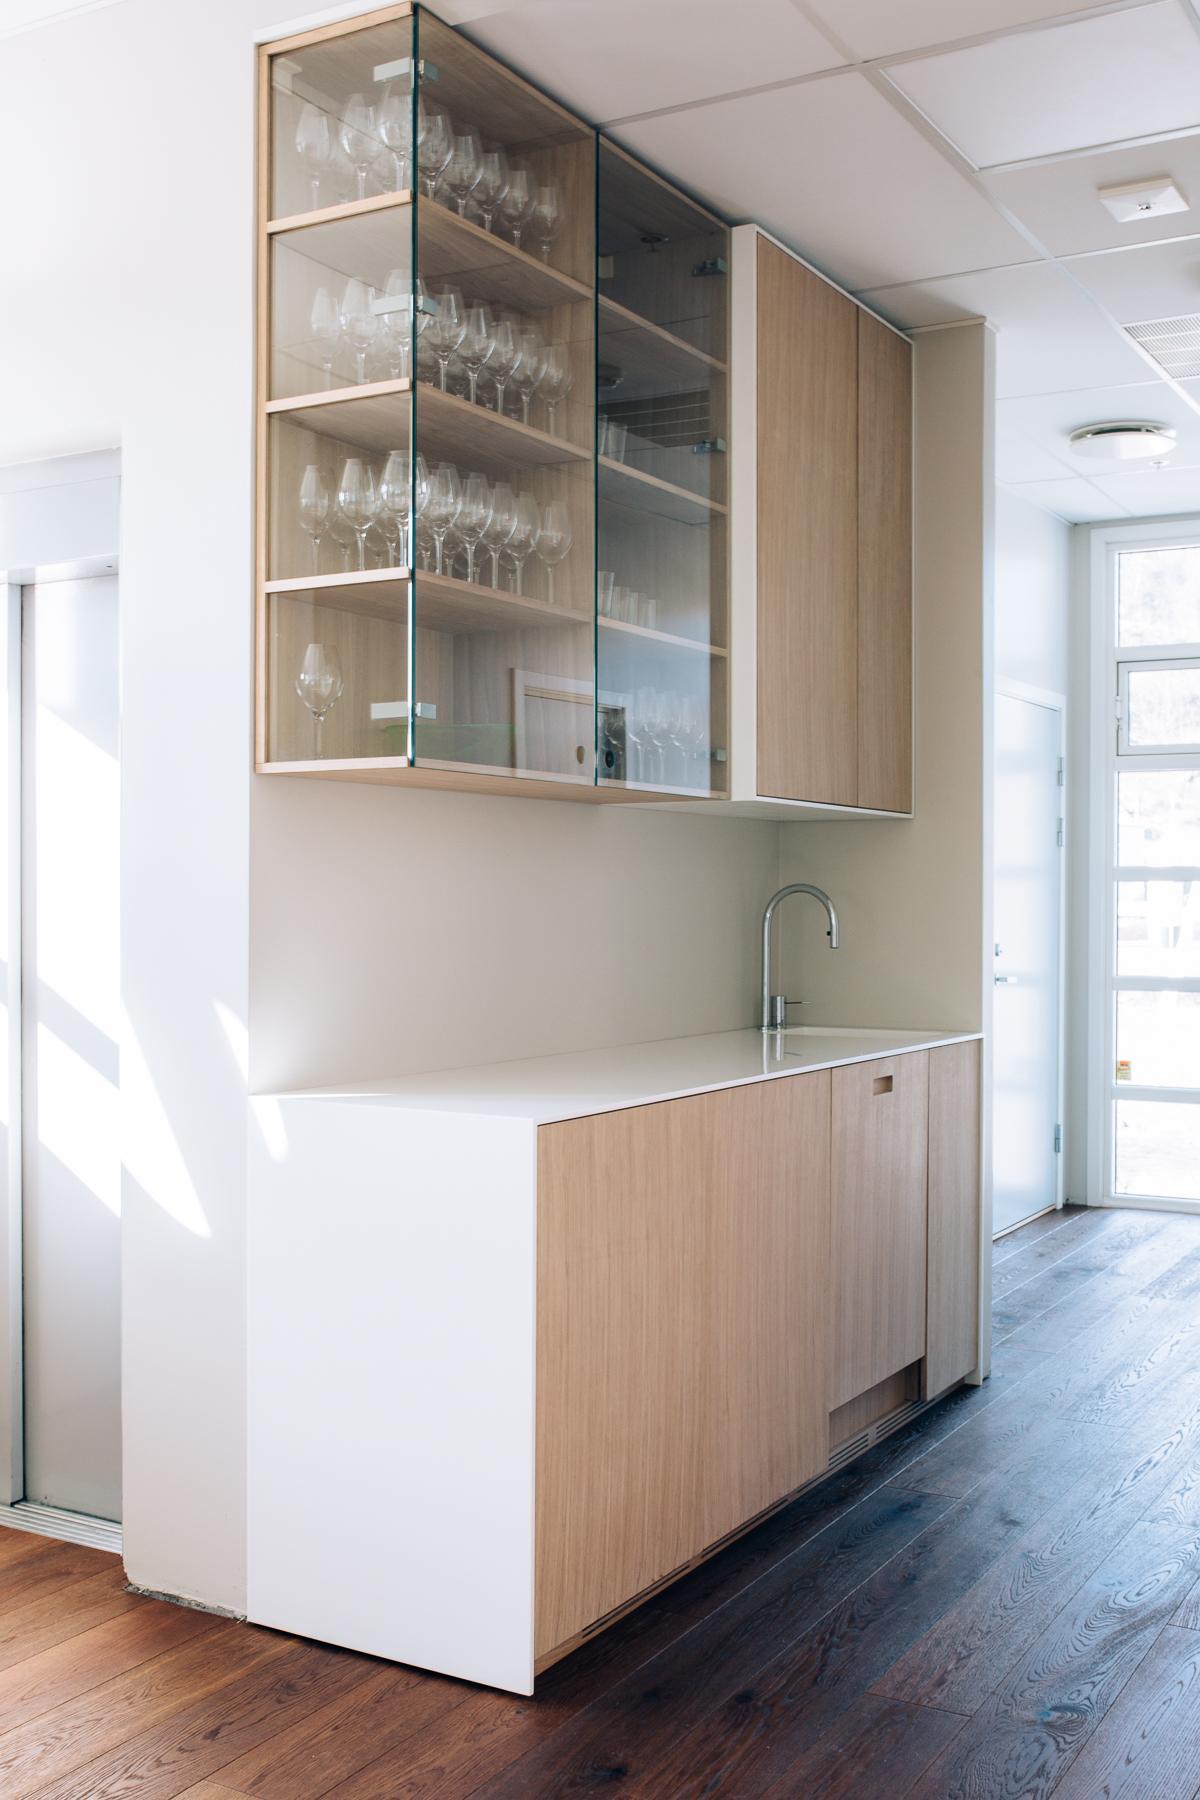 Kontoret har et eget kjøkken med overskap delvis i glass. Som resten av kontoret, får kjøkkenet et rent og luftig uttrykk.